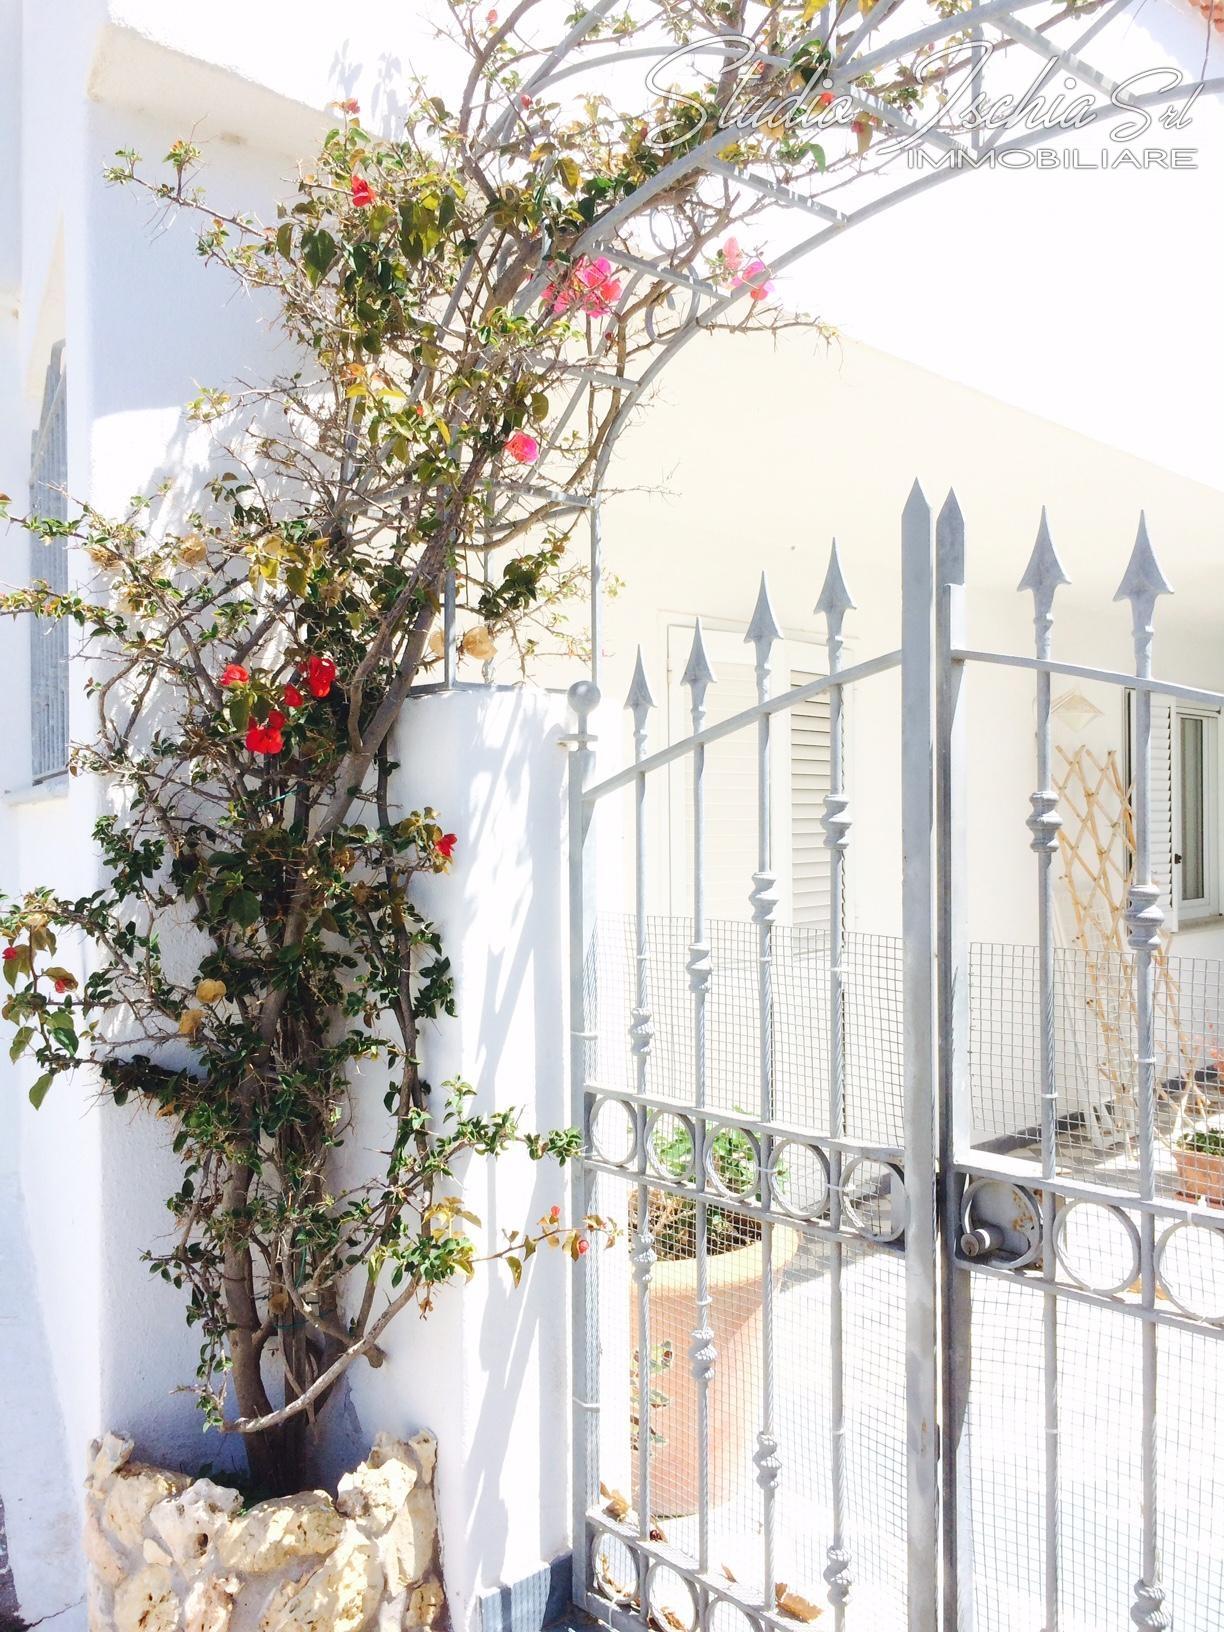 Appartamento in vendita a Forio, 4 locali, zona Zona: Panza, prezzo € 430.000 | CambioCasa.it